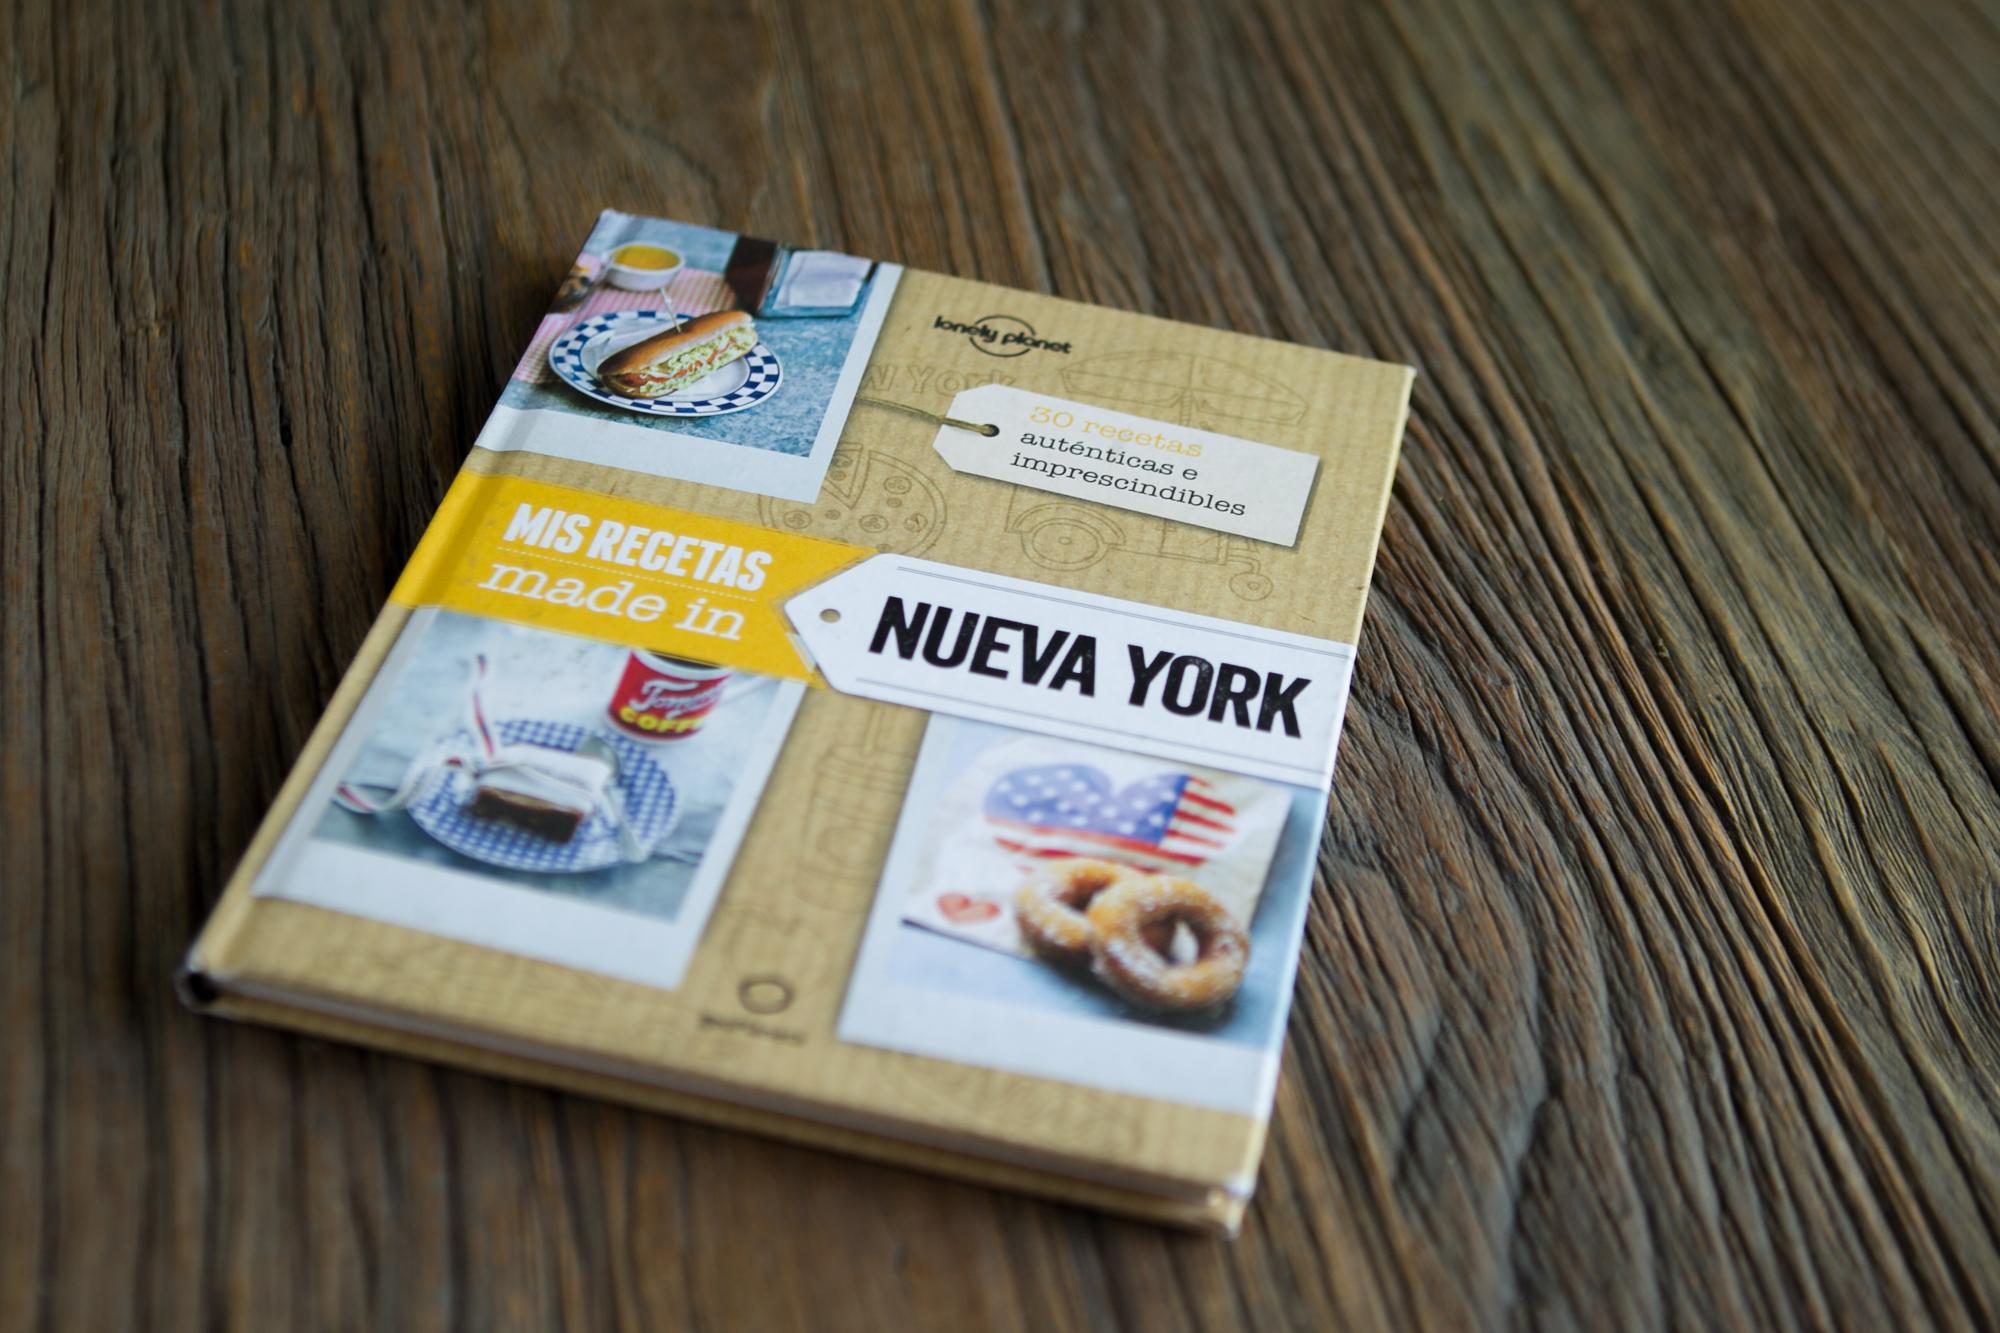 llibre_ny